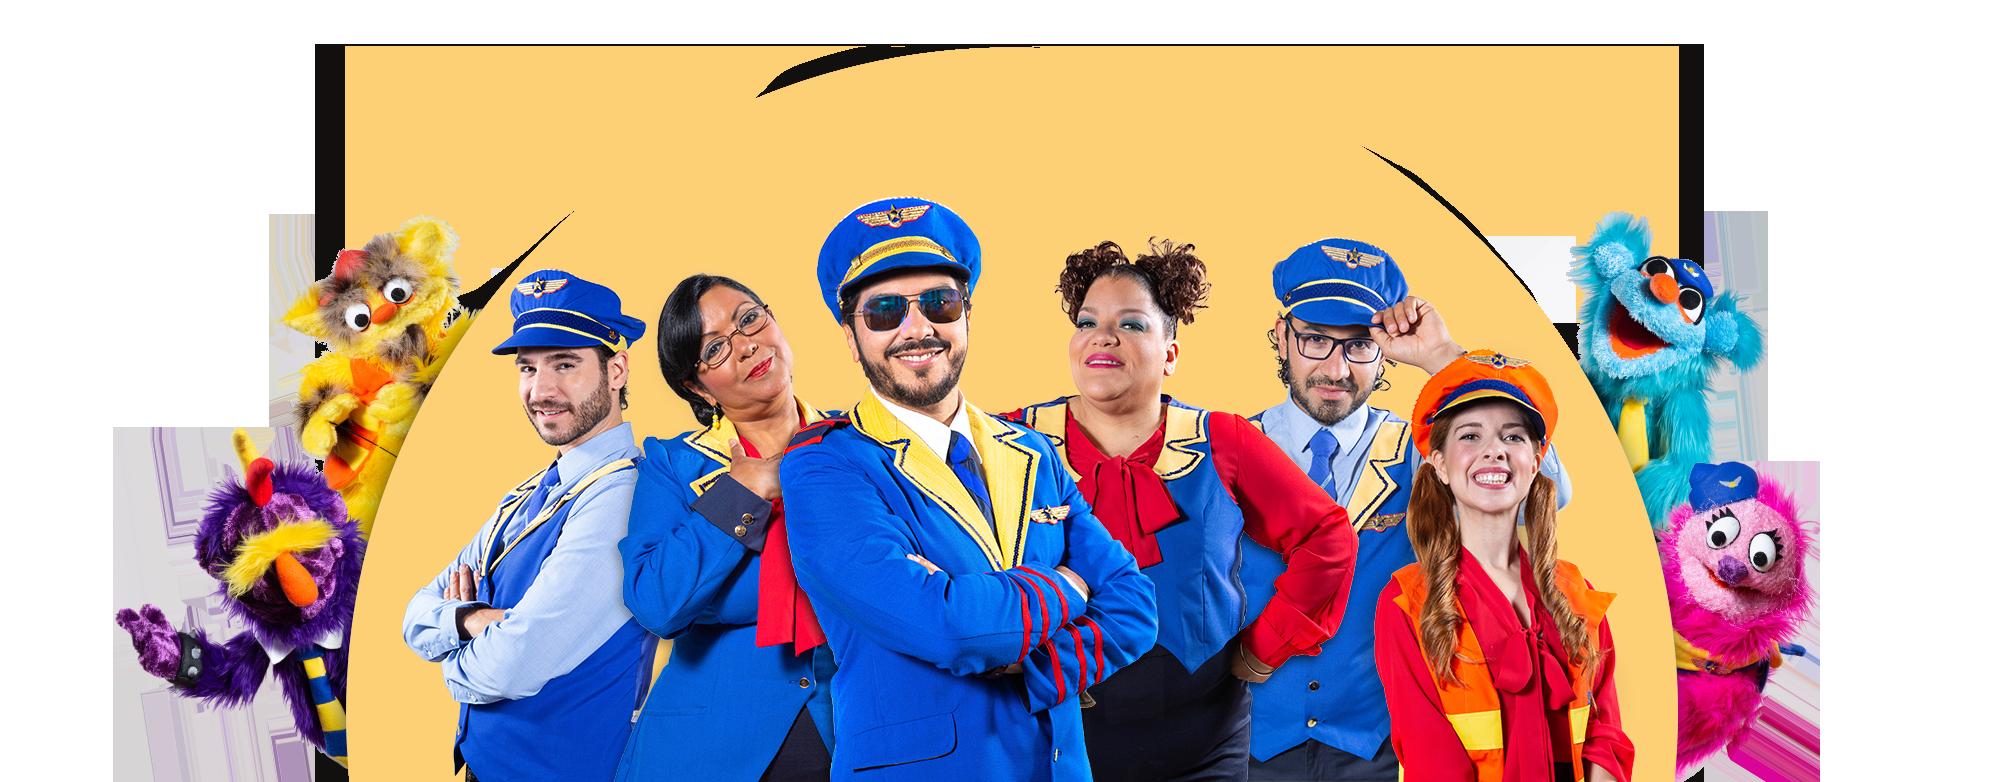 Impacto Latino: El Avión/The Airplane una serie web y producción musical